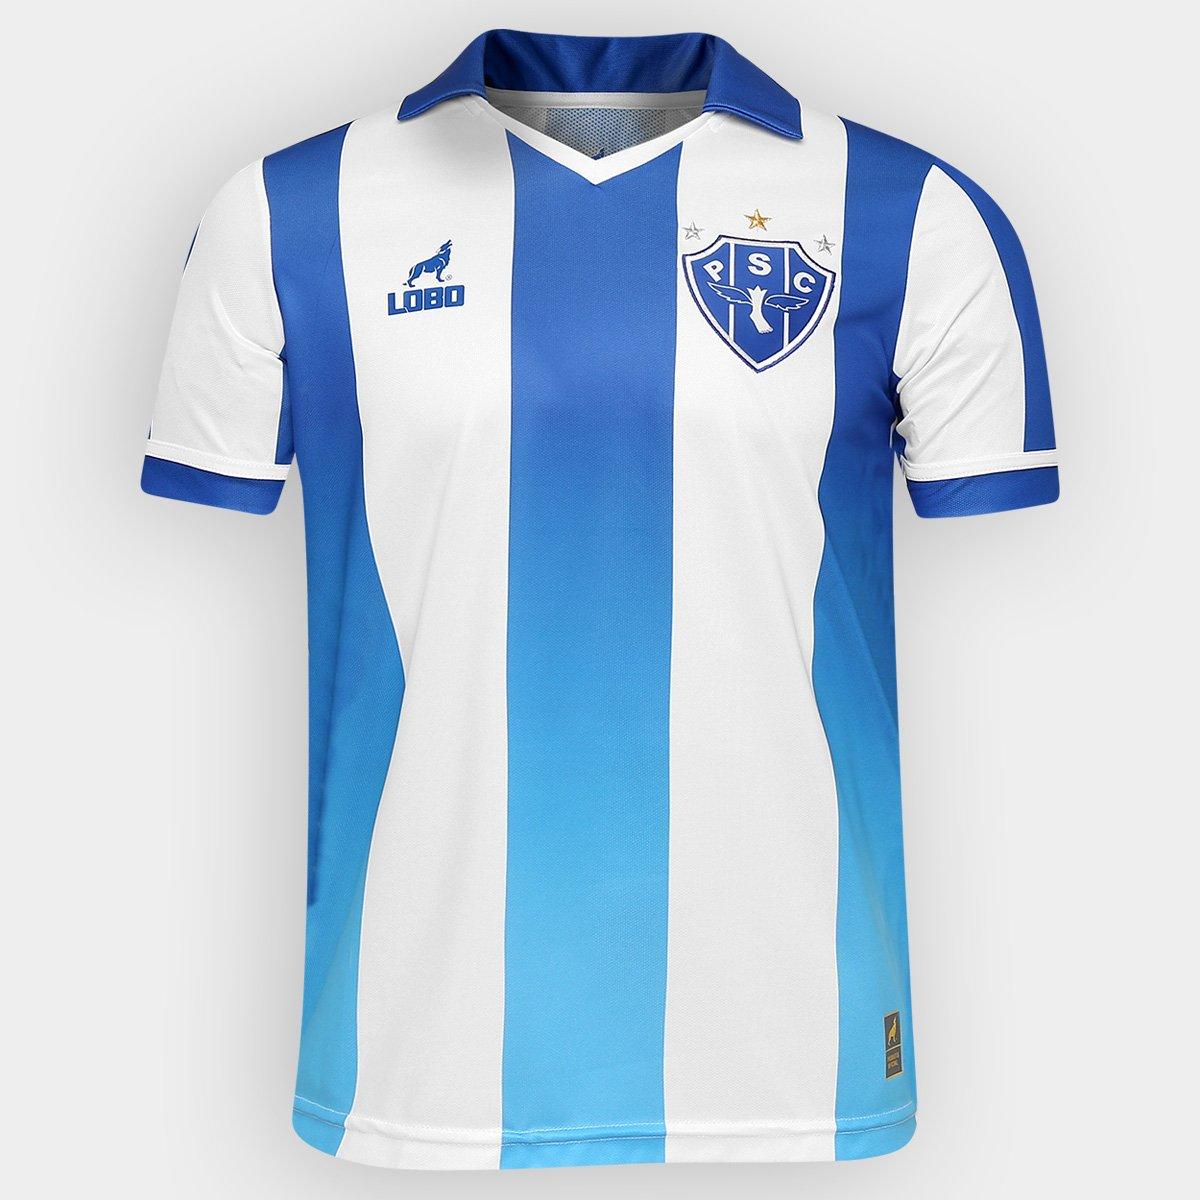 Camisa Lobo Paysandu I 2016 nº 7 - Compre Agora  81cc4009e029e